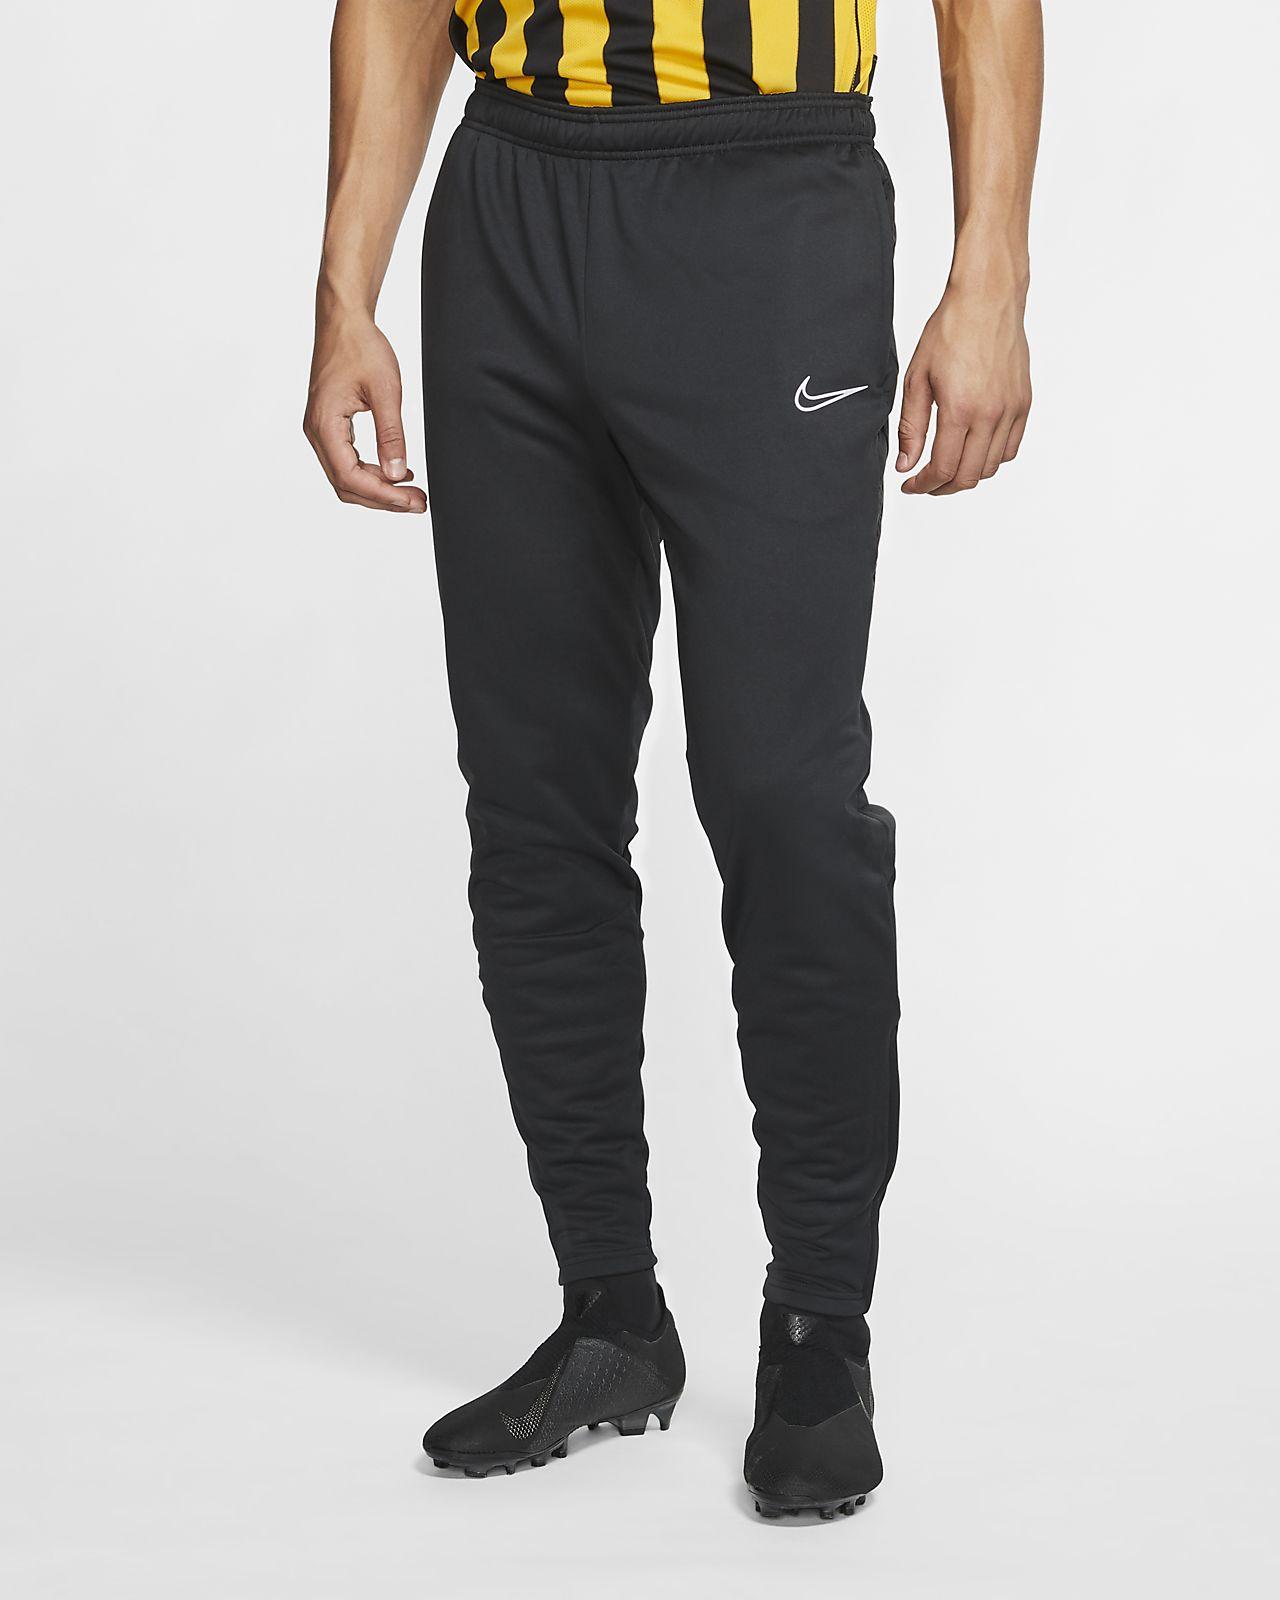 Nike Therma Academy Pantalón de fútbol - Hombre